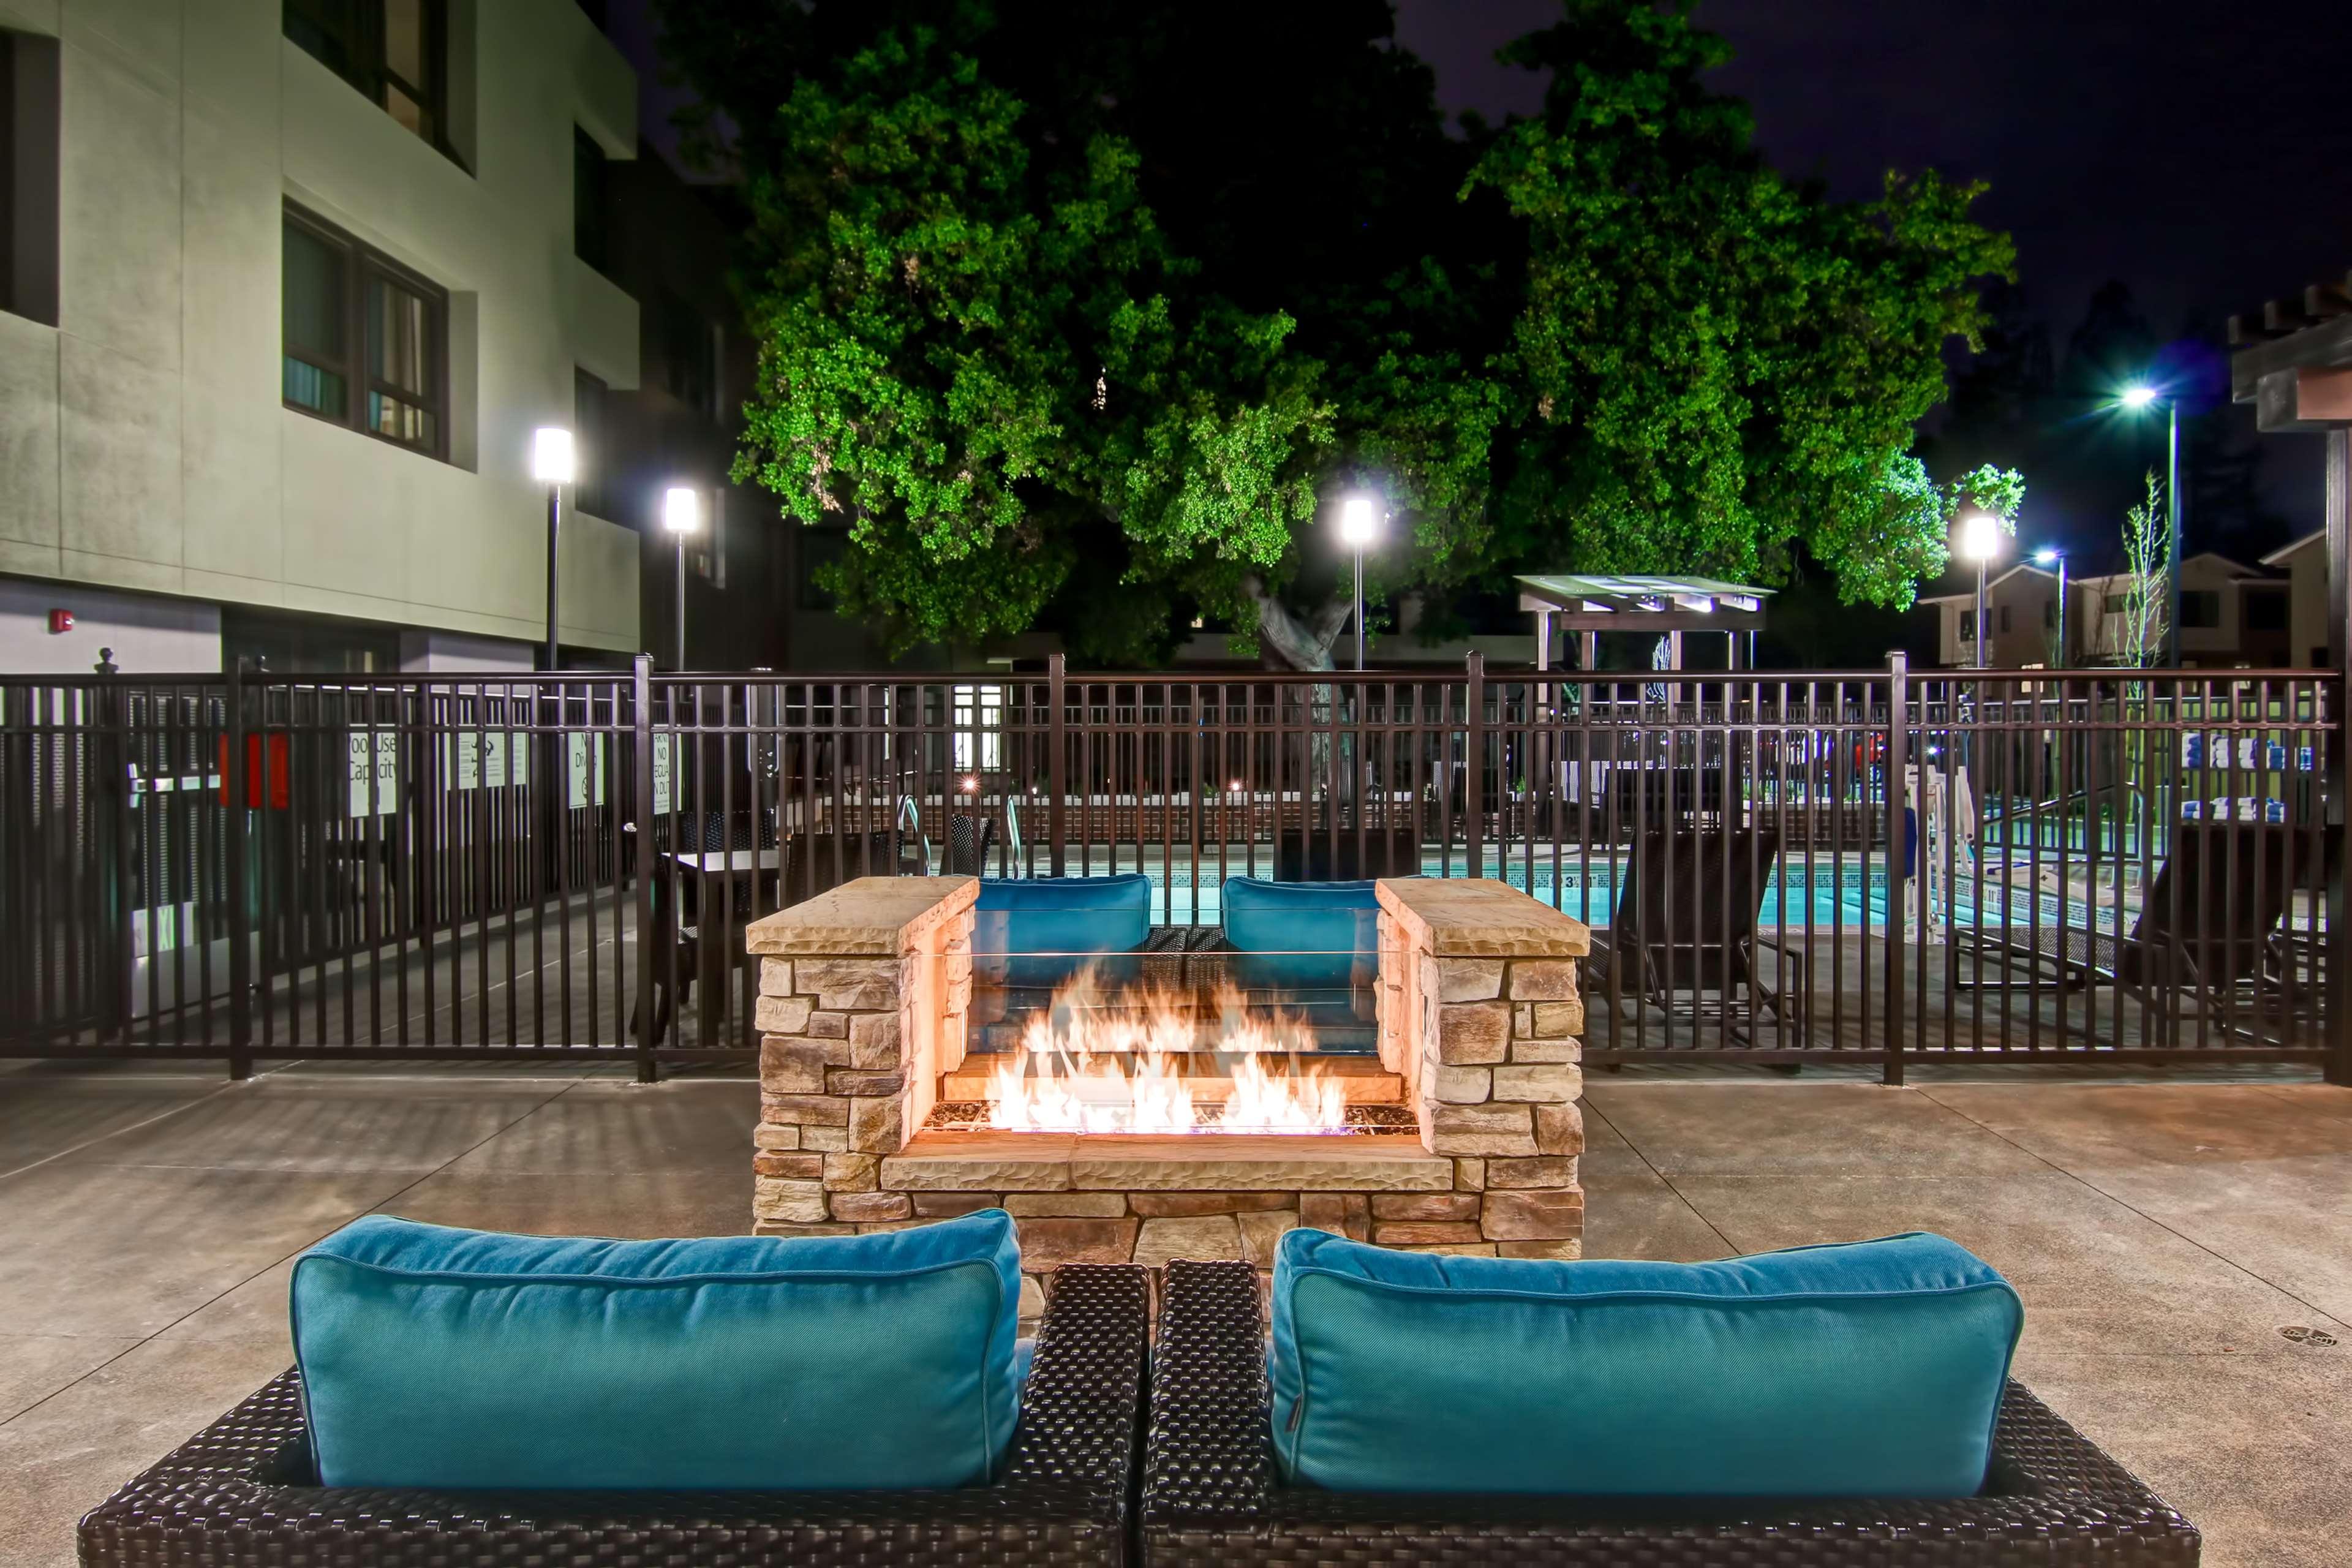 Homewood Suites by Hilton Palo Alto image 1